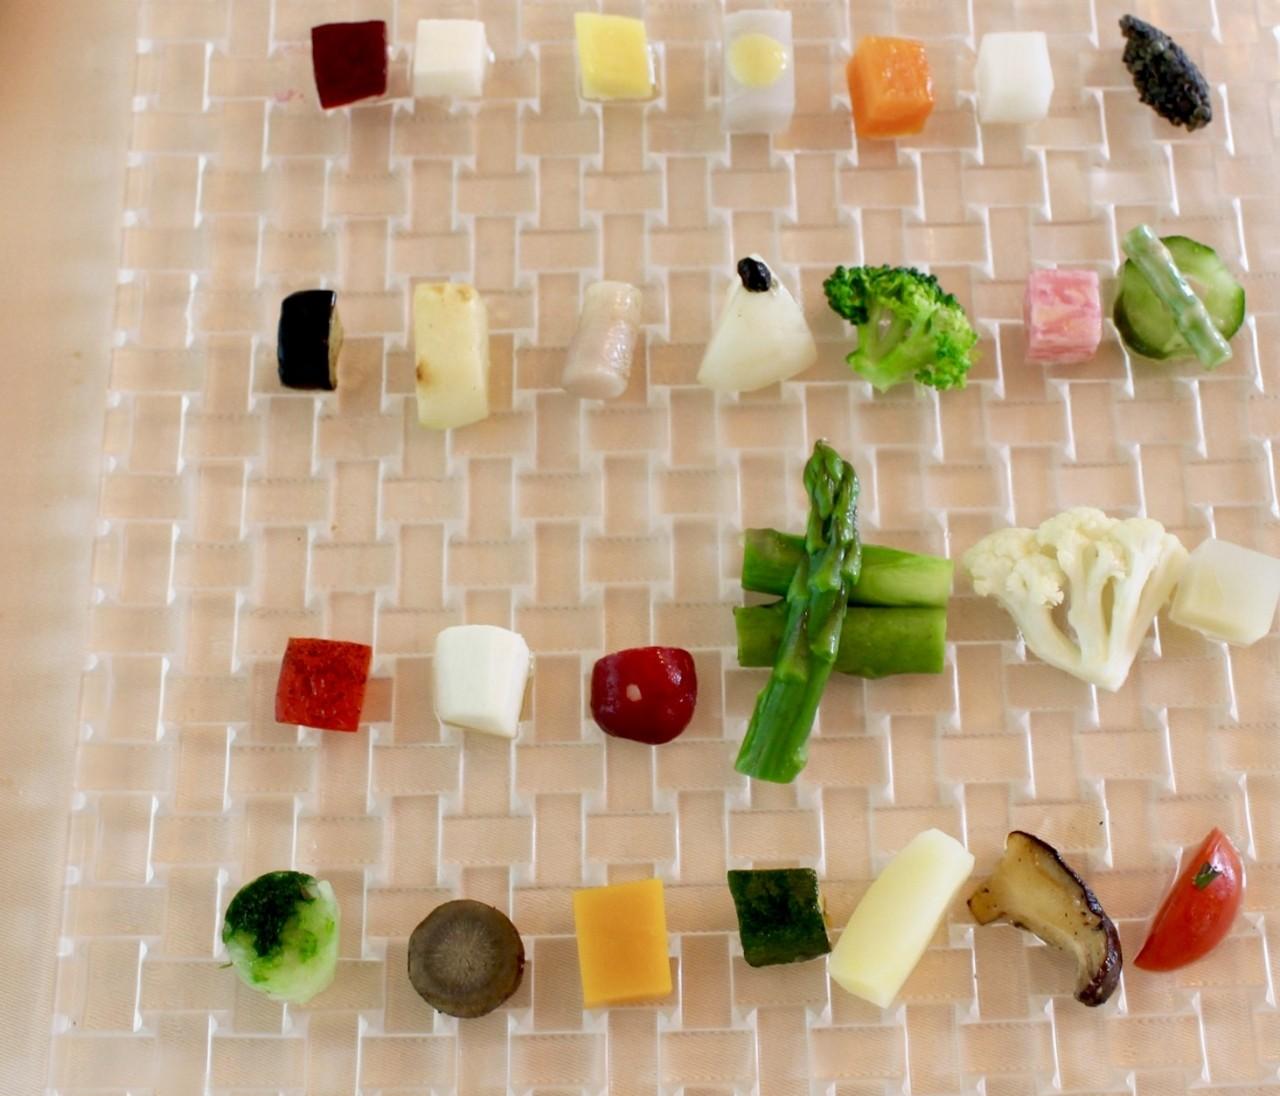 【特別な日に】目も舌も楽しめる♪無農薬野菜のカラフルプレート